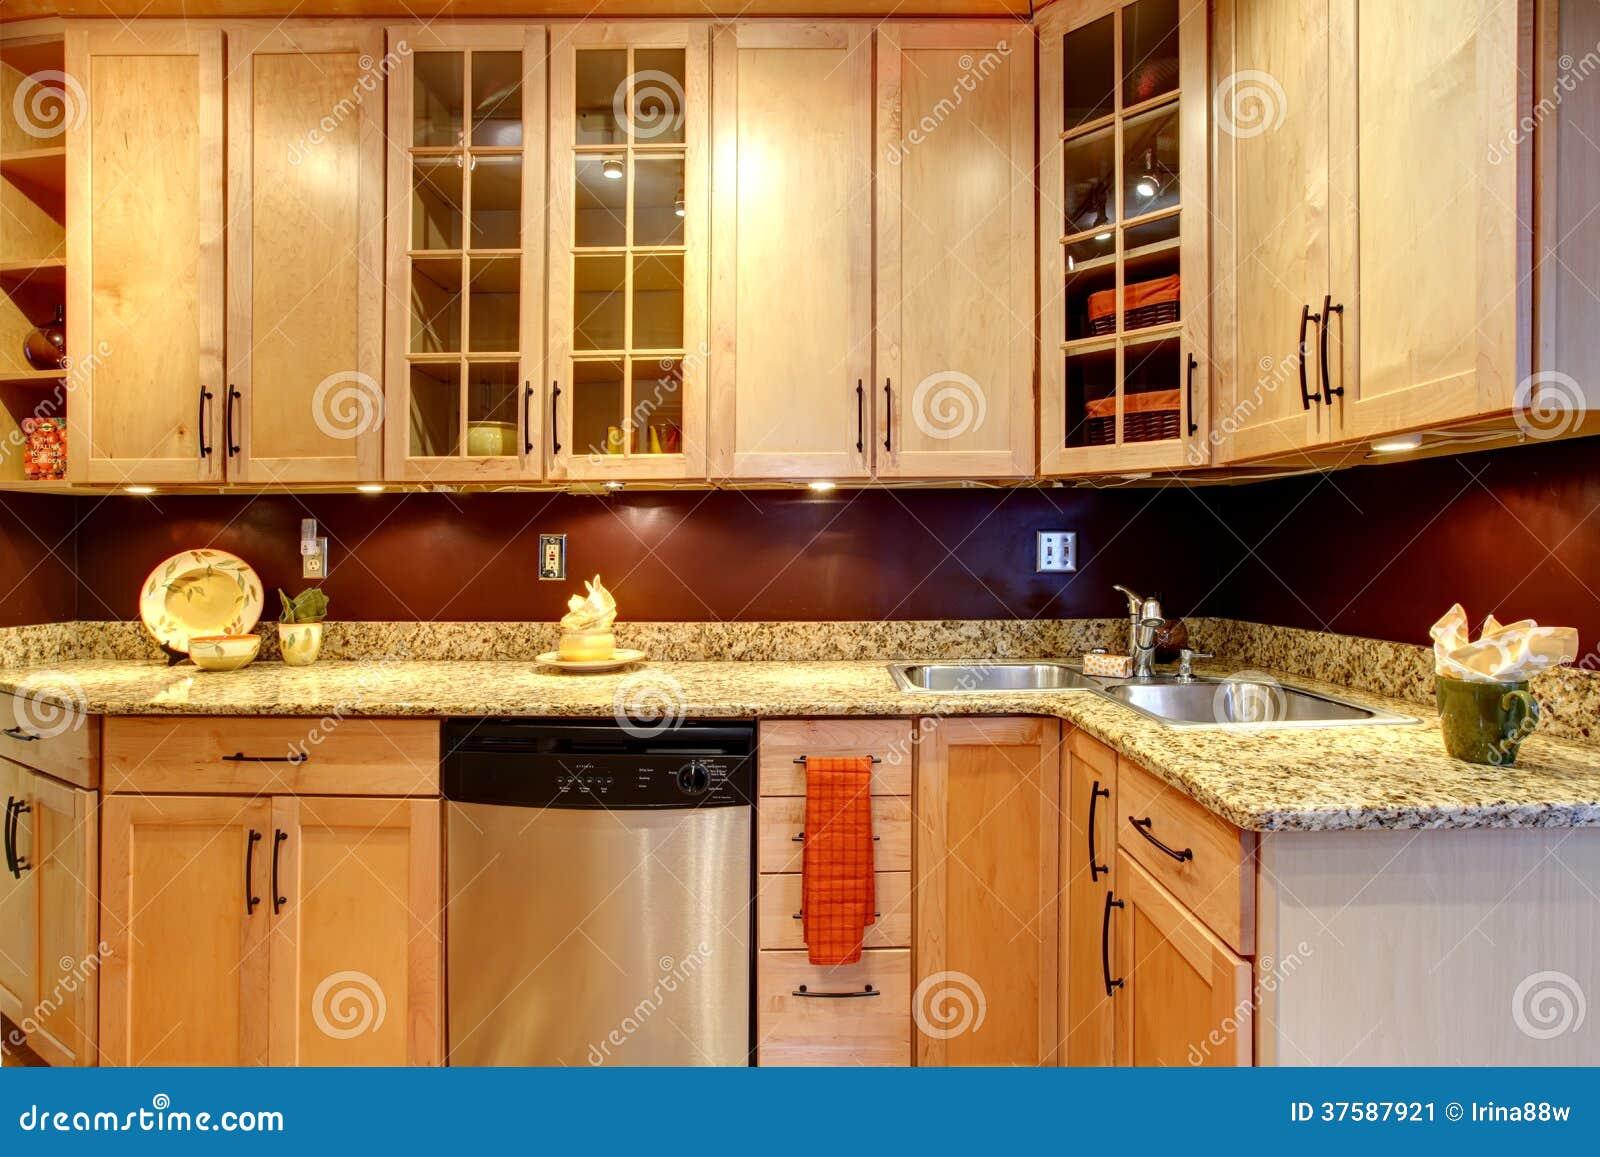 Heldere Keukenruimte Met Baksteen Ontworpen Muur Stock Afbeelding ...